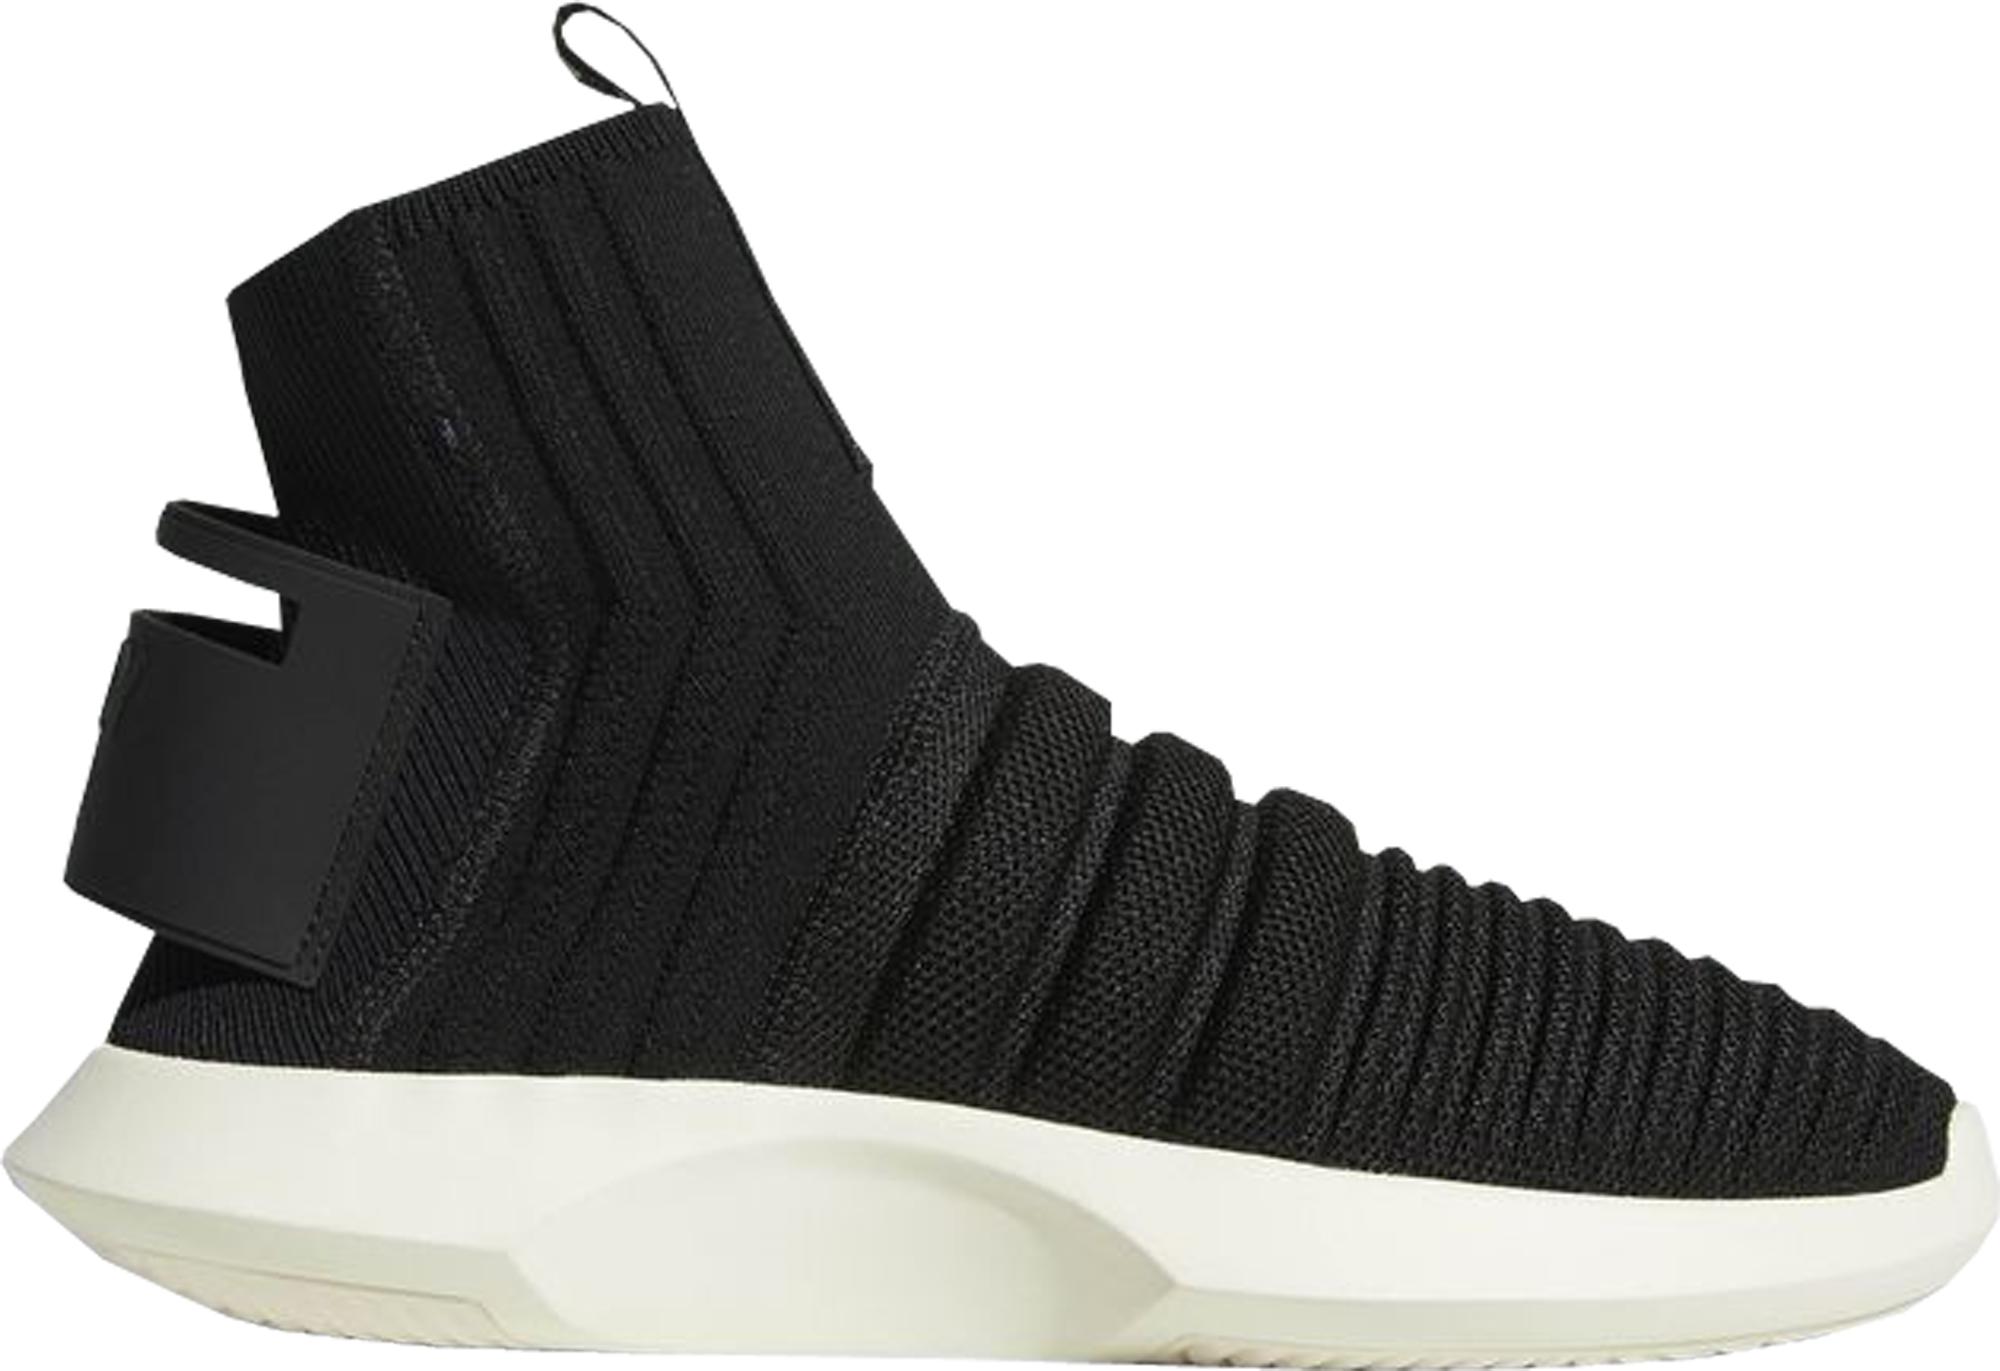 adidas Crazy 1 Adv Core Black Off White